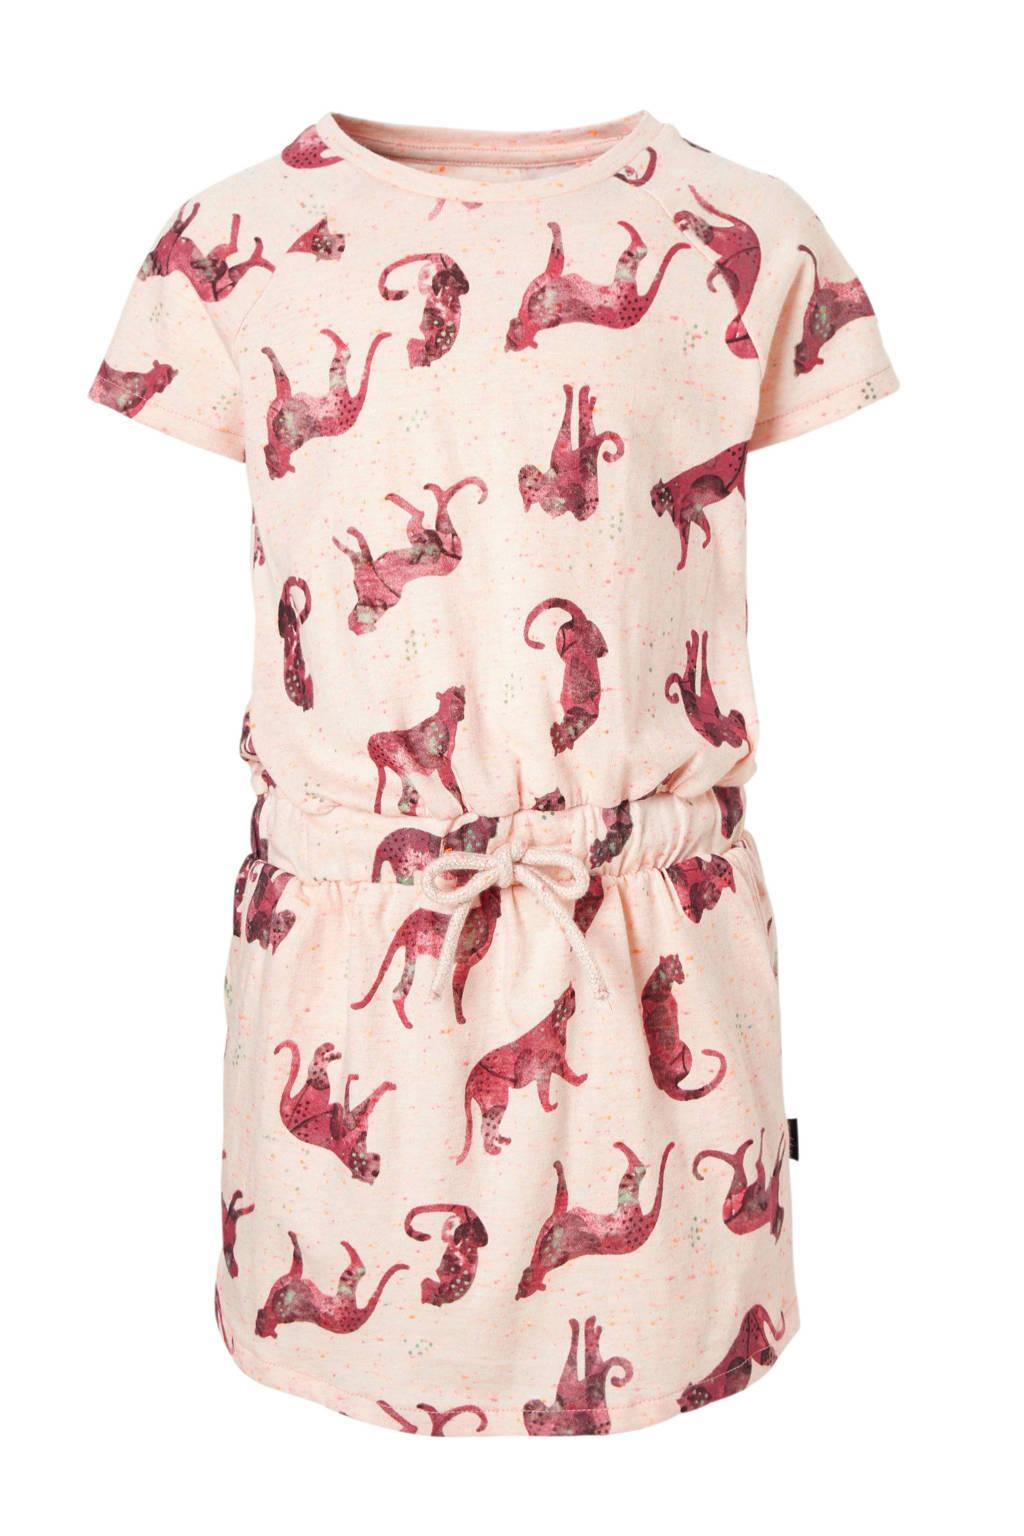 Noppies jurk met alloverprint roze, Zachtroze/roze